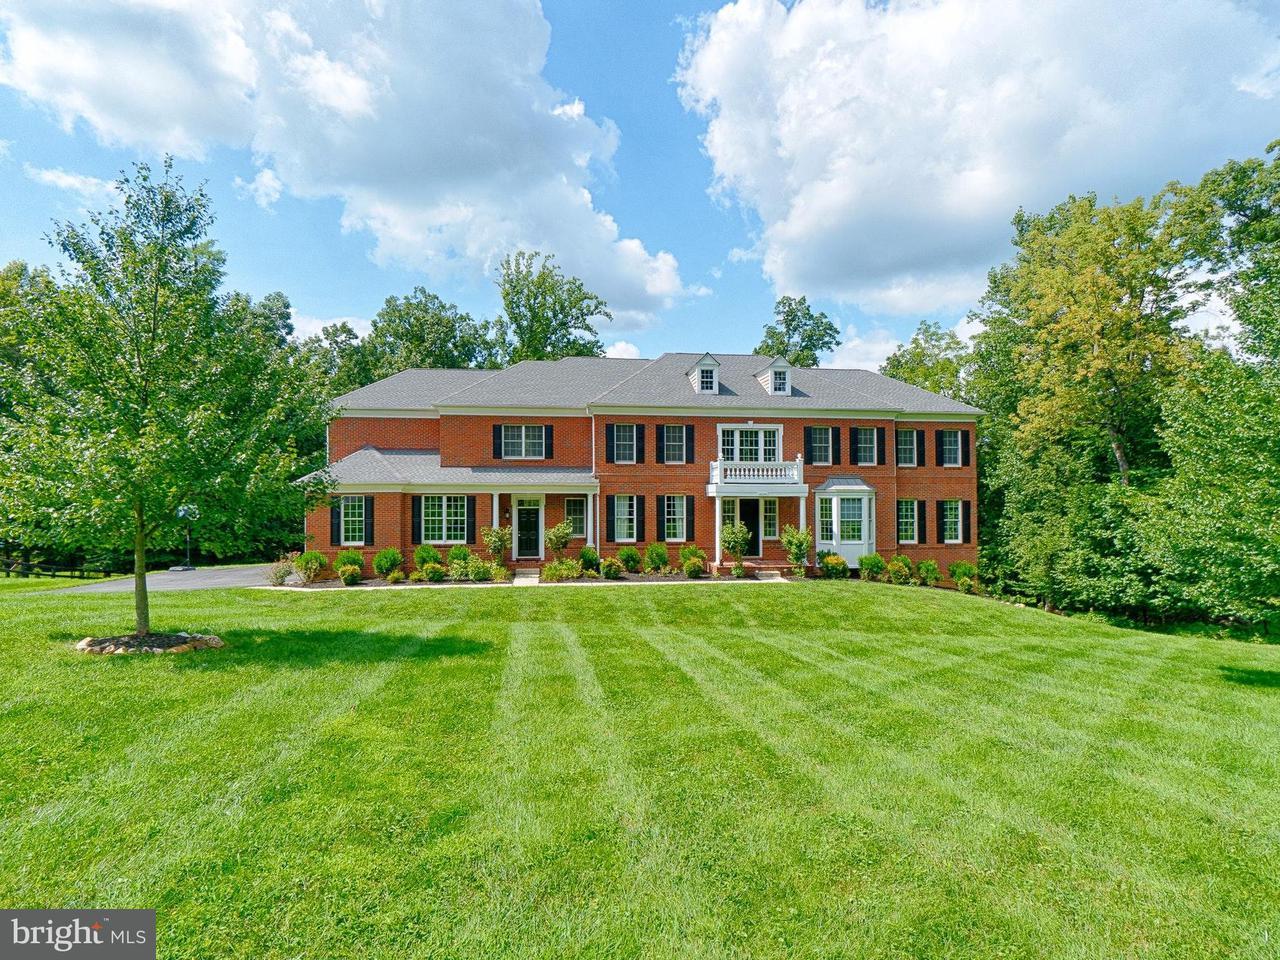 단독 가정 주택 용 매매 에 15235 Pavlo Place 15235 Pavlo Place Waterford, 버지니아 20197 미국